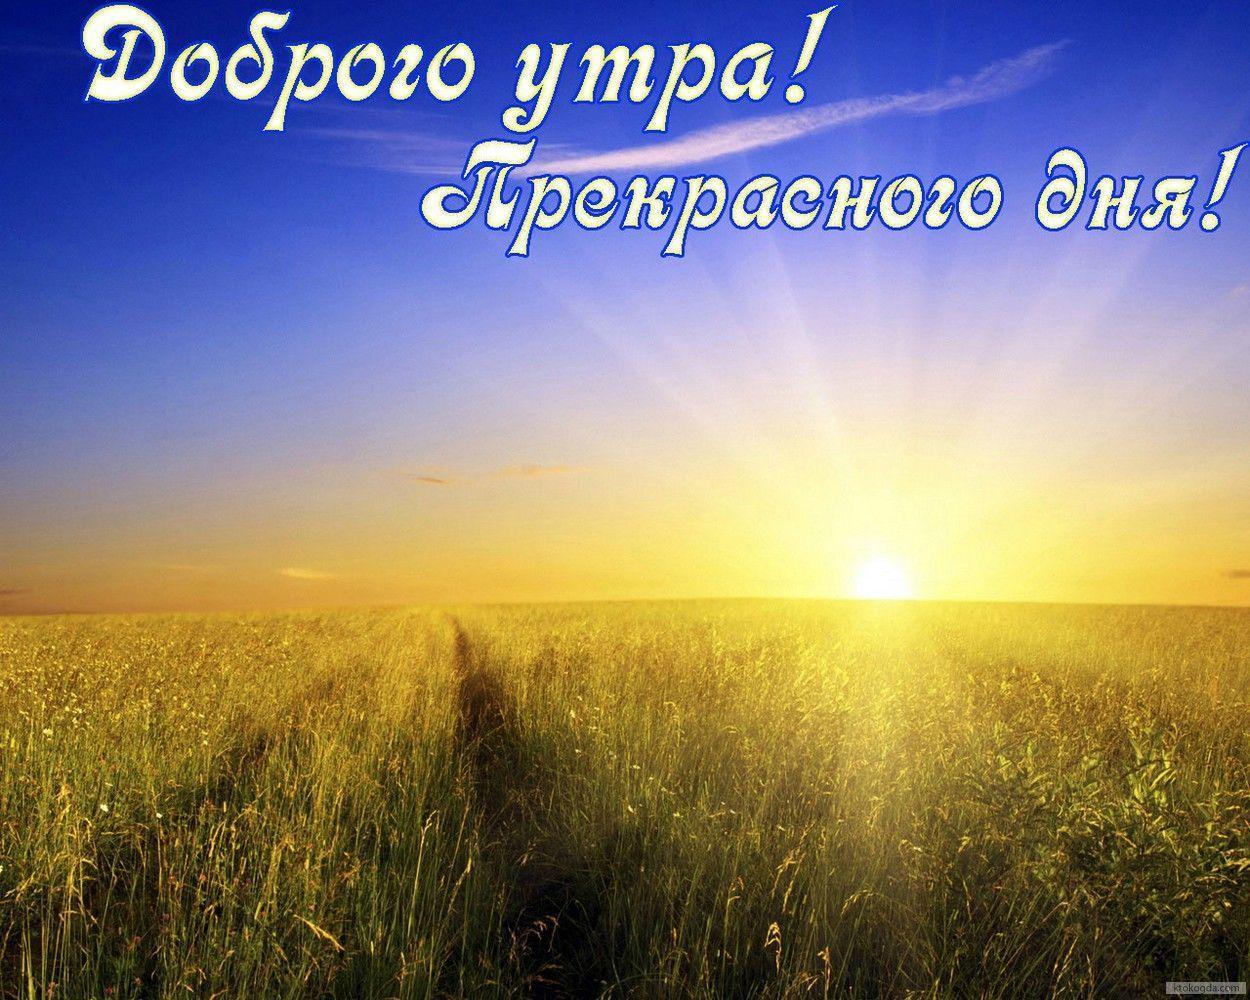 Пожелания доброго утра. Создайте прекрасное настроение любимым, близким и знакомым, отправив замечательную открытку. Бесплатно и без регистрации